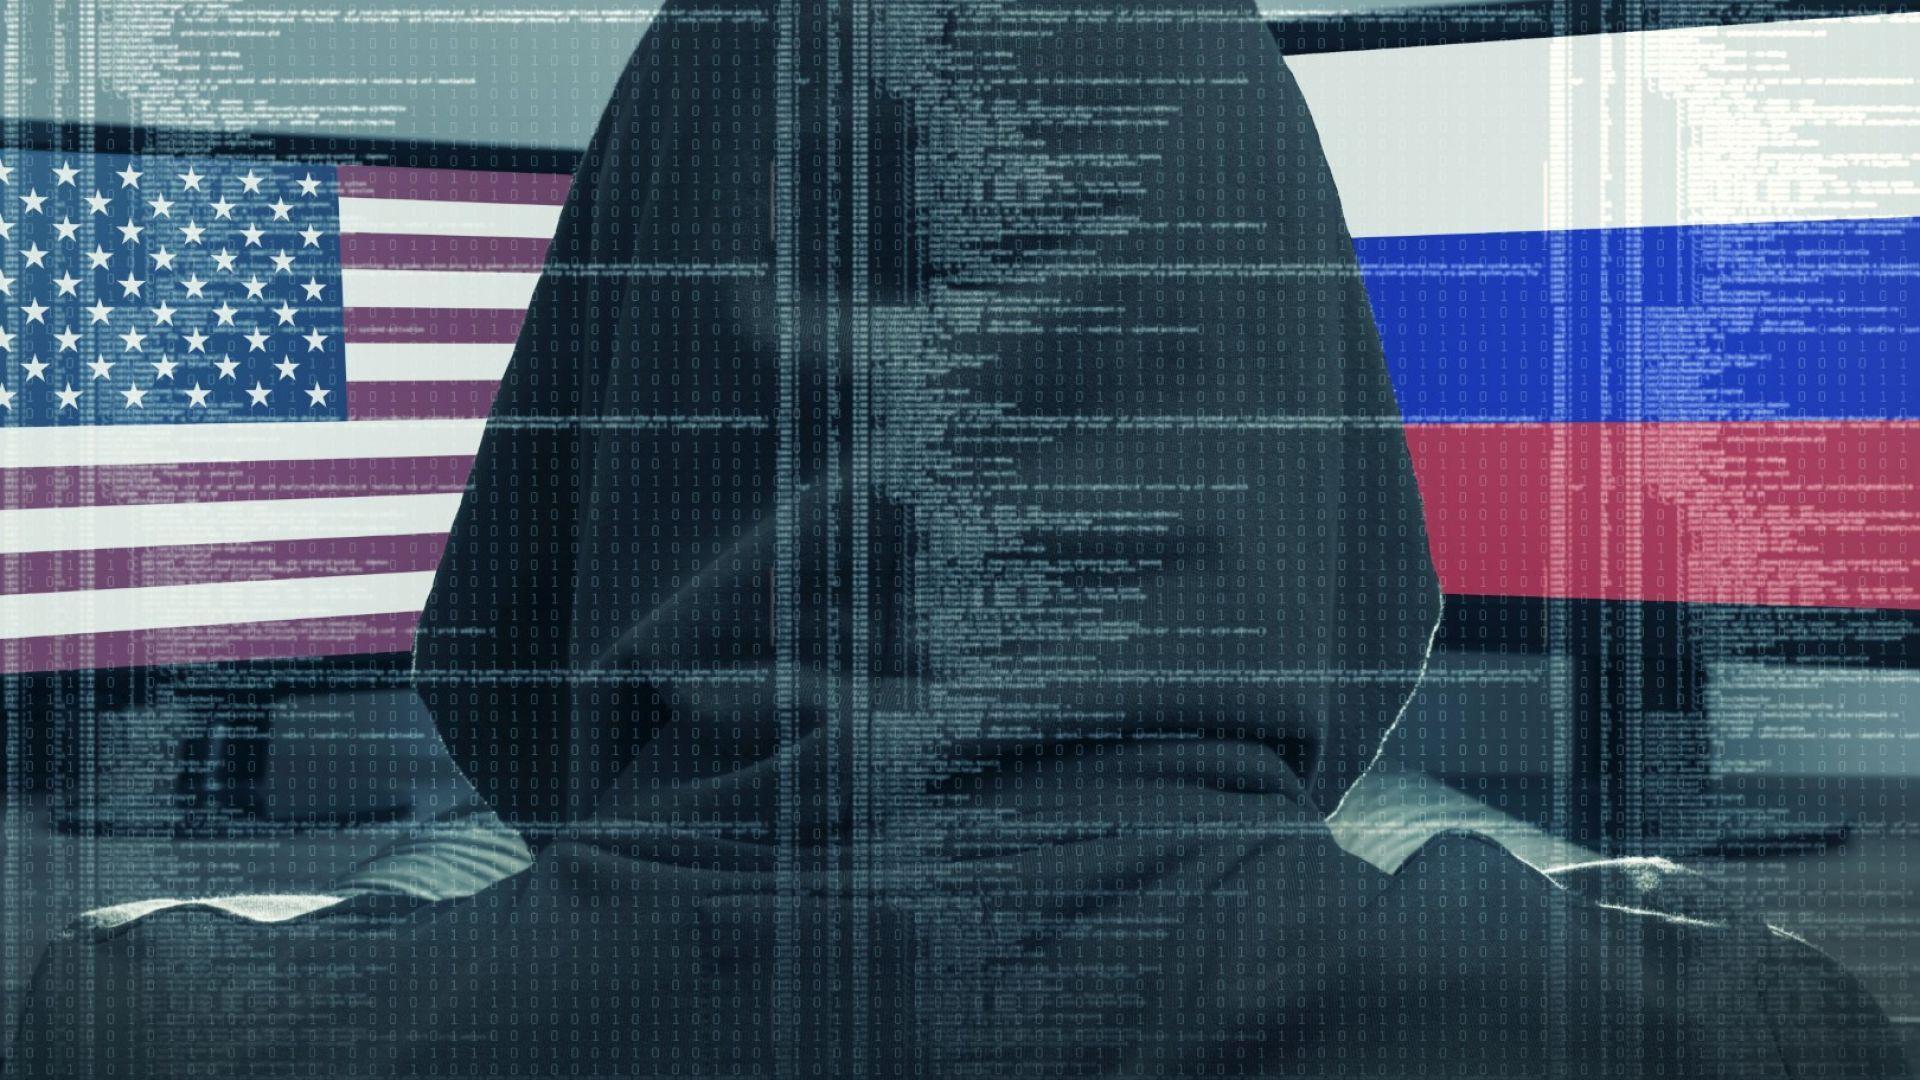 Москва: Няма доказателства срещу 12-те арестувани като руски разузнавачи в САЩ